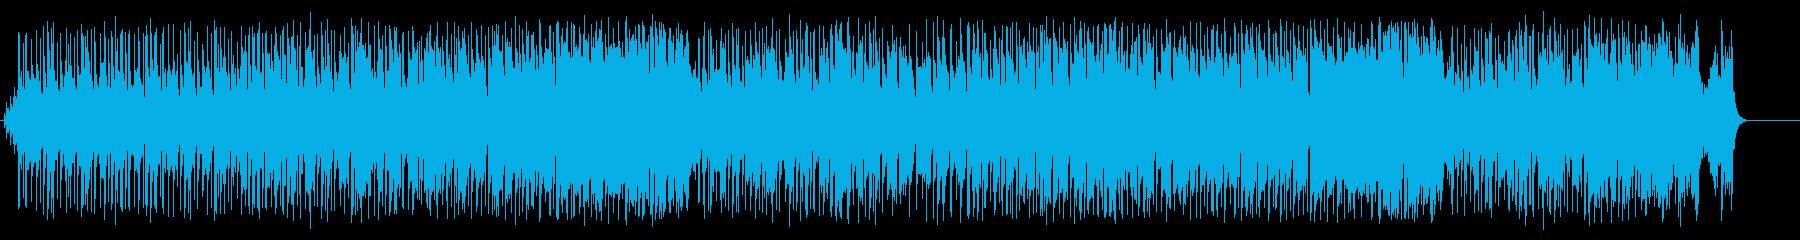 足取りの軽いマイペースなR&B/ポップの再生済みの波形